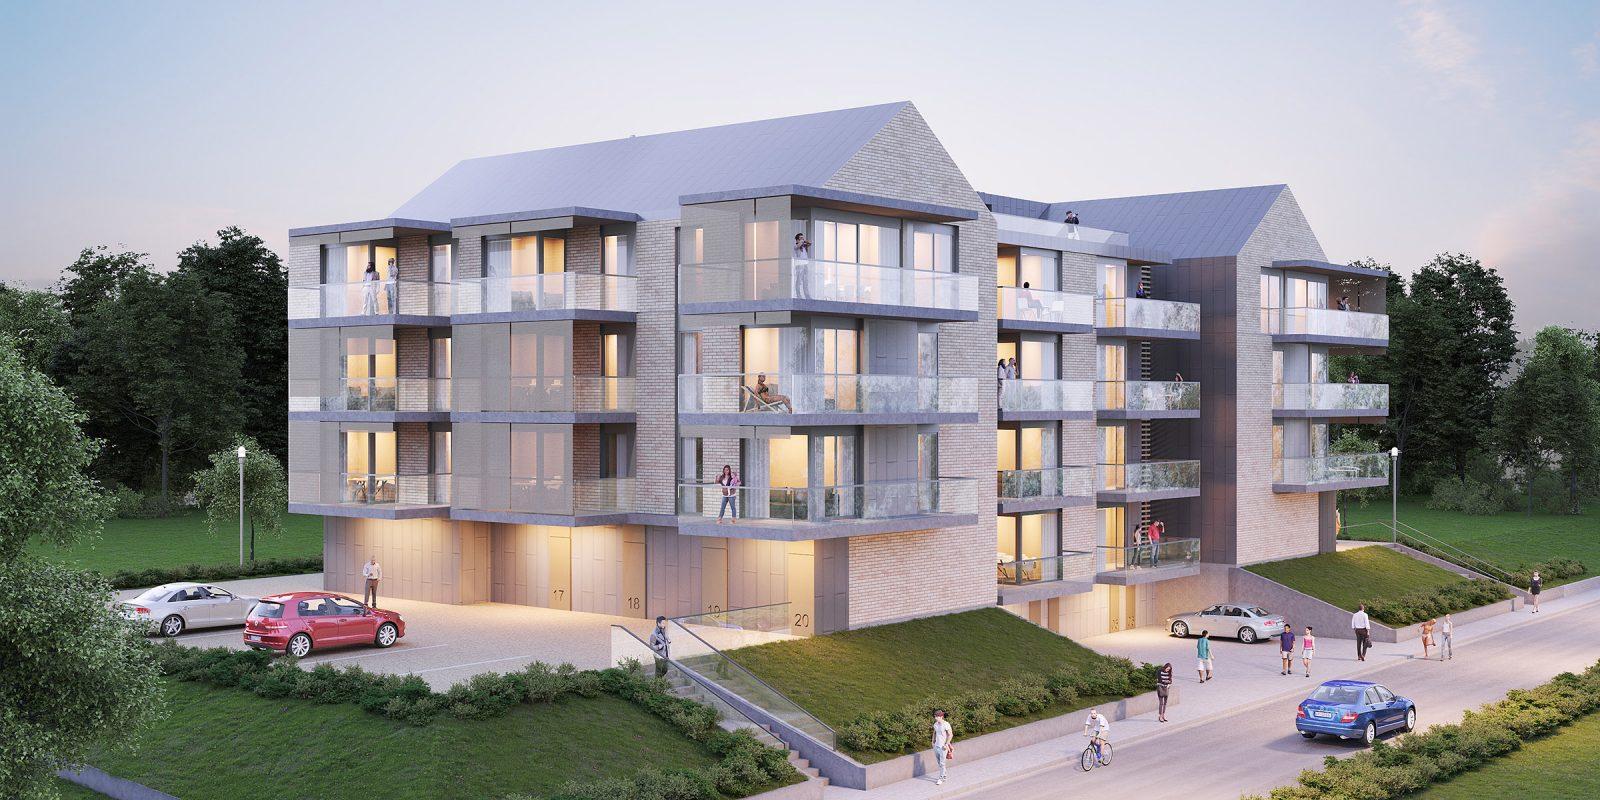 Projekt architektoniczny bloku mieszkalnego